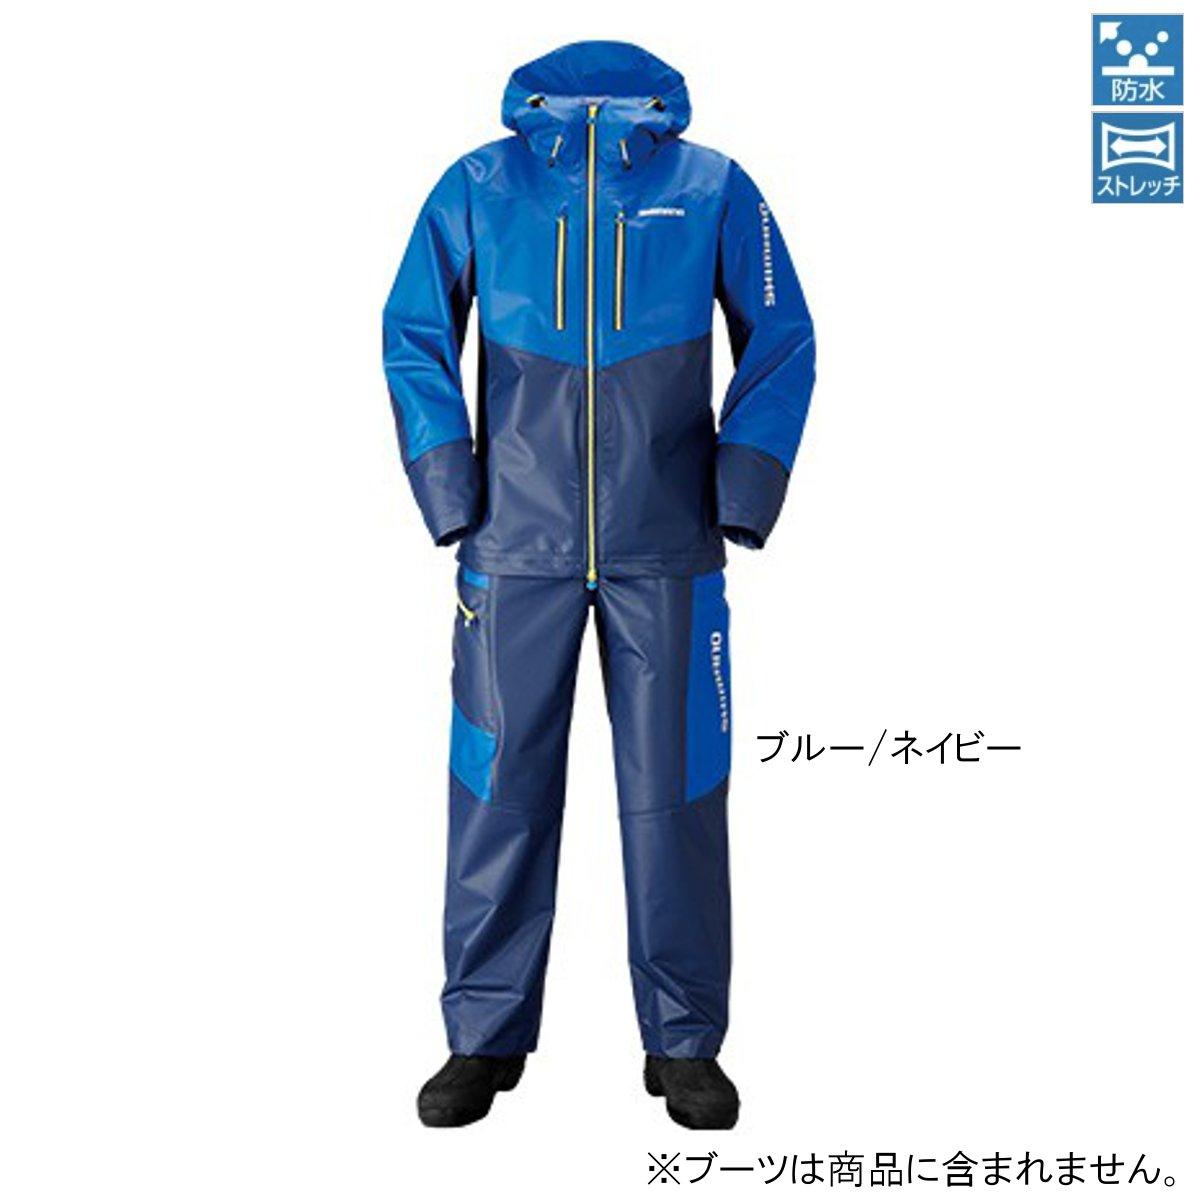 シマノ マリンライトスーツ RA-034N XL ブルー/ネイビー(東日本店)